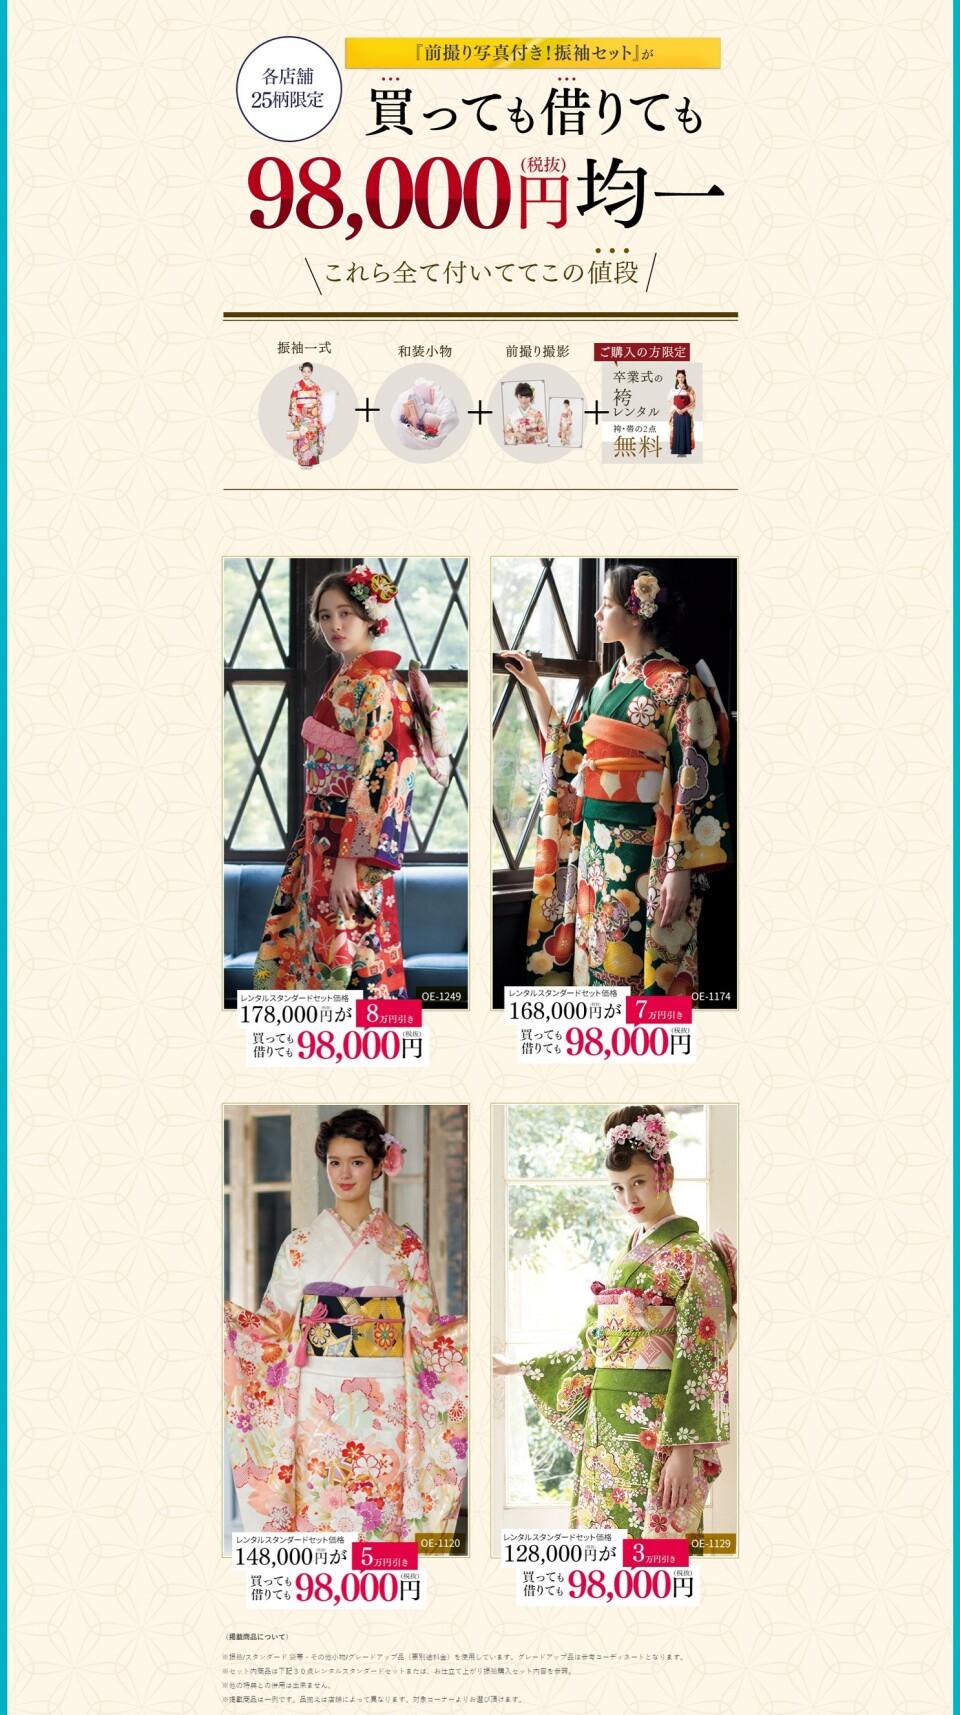 98,000円_page-0001